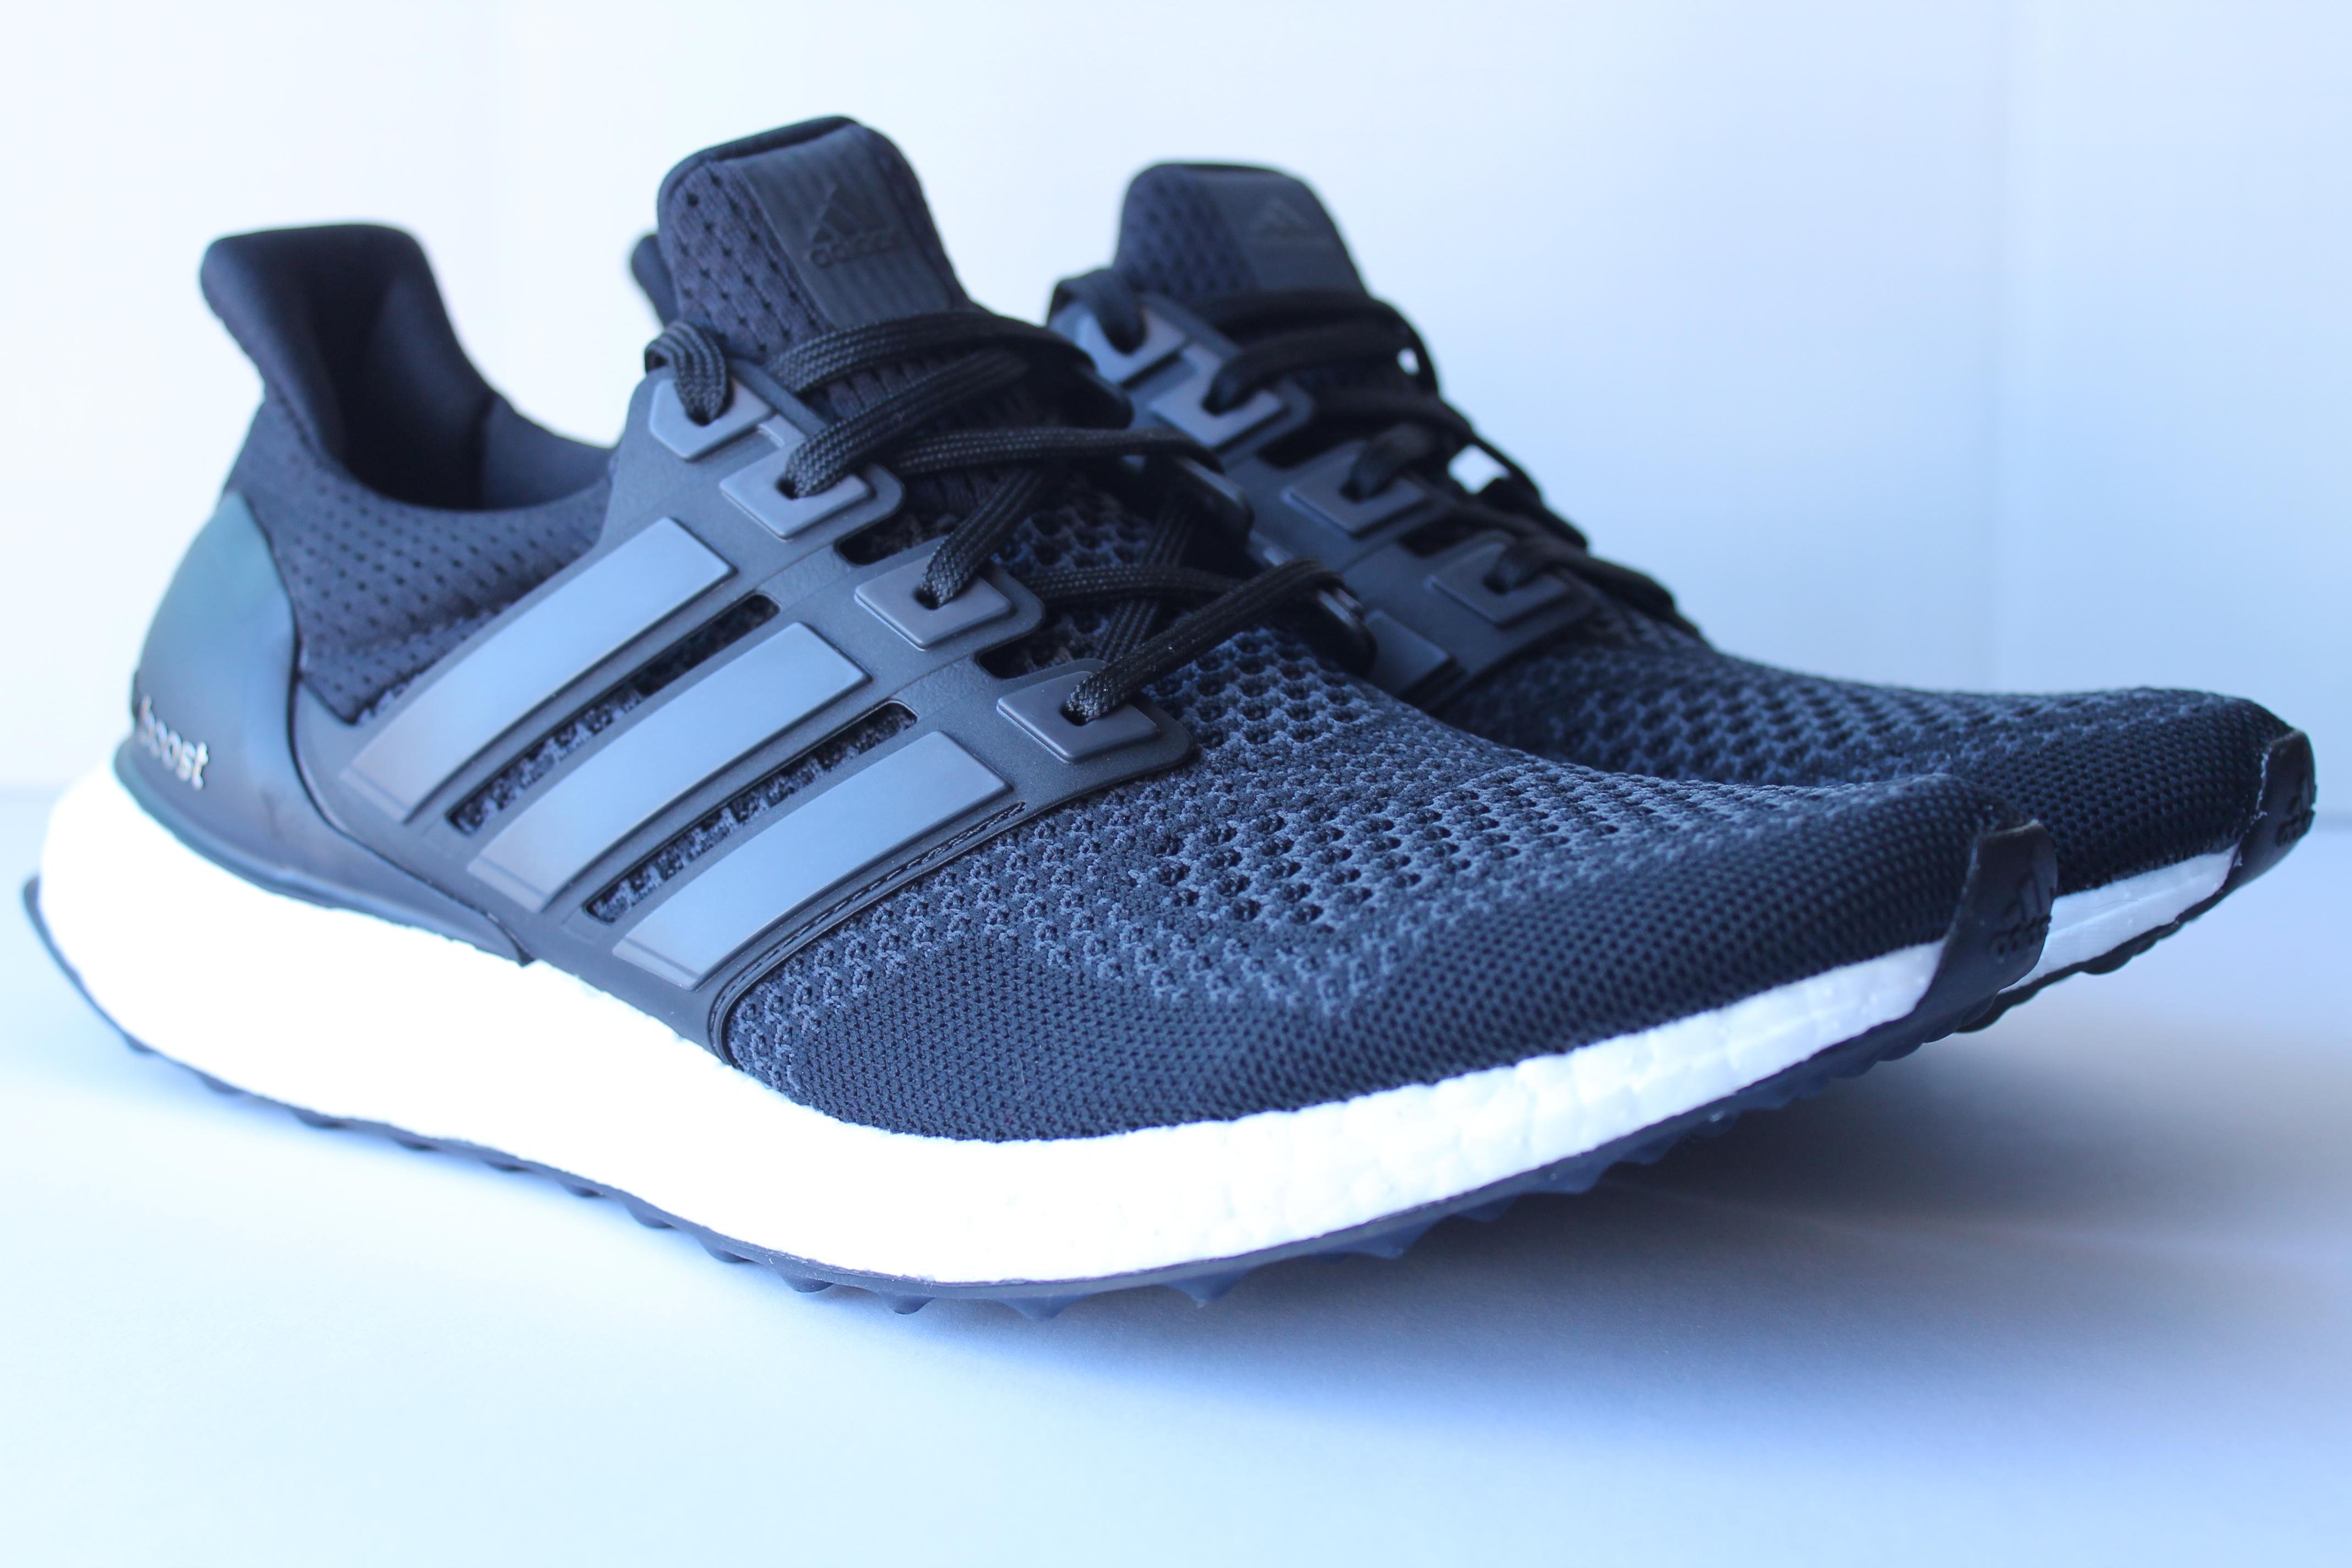 28c1ddf45093 ... Adidas Ultra Boost Black ...